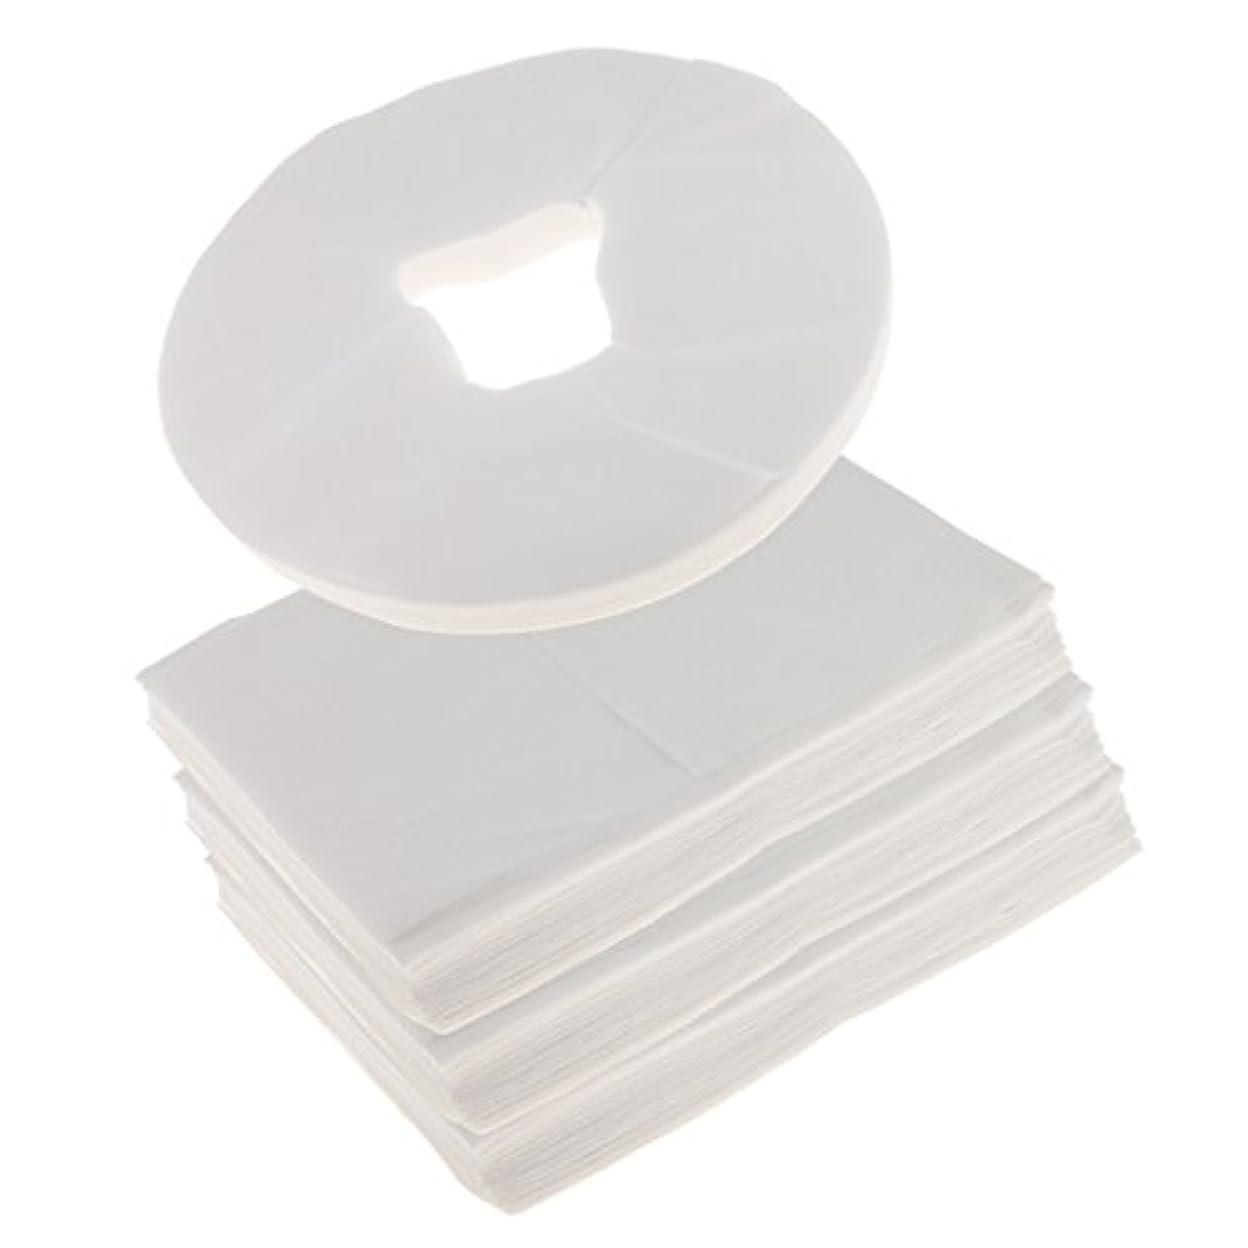 汚染された重さ用心するFenteer 約100枚 使い捨て フェイスクレードルカバー 約100枚 使い捨て ベッドシーツ クッションカバー ベッドシーツ マッサージ エステ クレードル